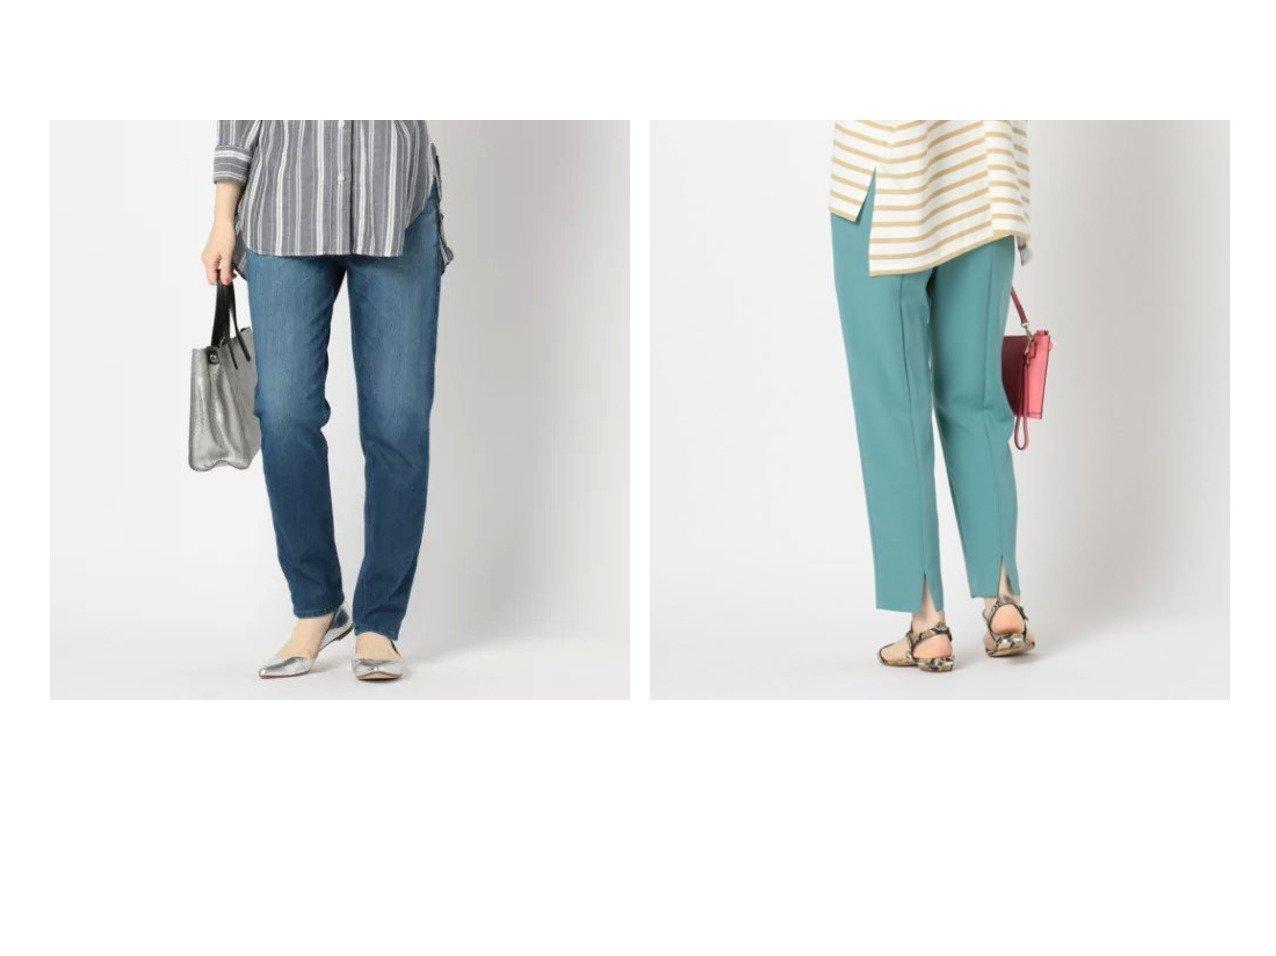 【NOLLEY'S/ノーリーズ】の【ヤヌーク】LOUNGERUTH&【NOLLEY'S sophi/ノーリーズソフィー】のタックテーパードパンツ パンツのおすすめ!人気、トレンド・レディースファッションの通販 おすすめで人気の流行・トレンド、ファッションの通販商品 メンズファッション・キッズファッション・インテリア・家具・レディースファッション・服の通販 founy(ファニー) https://founy.com/ ファッション Fashion レディースファッション WOMEN パンツ Pants スキニー ストレッチ ストレート スリム デニム ドローコード フィット ベーシック ボーイズ ワーク おすすめ Recommend お家時間・ステイホーム Home time,Stay home サイドジップ スリット センター プリーツ |ID:crp329100000023829